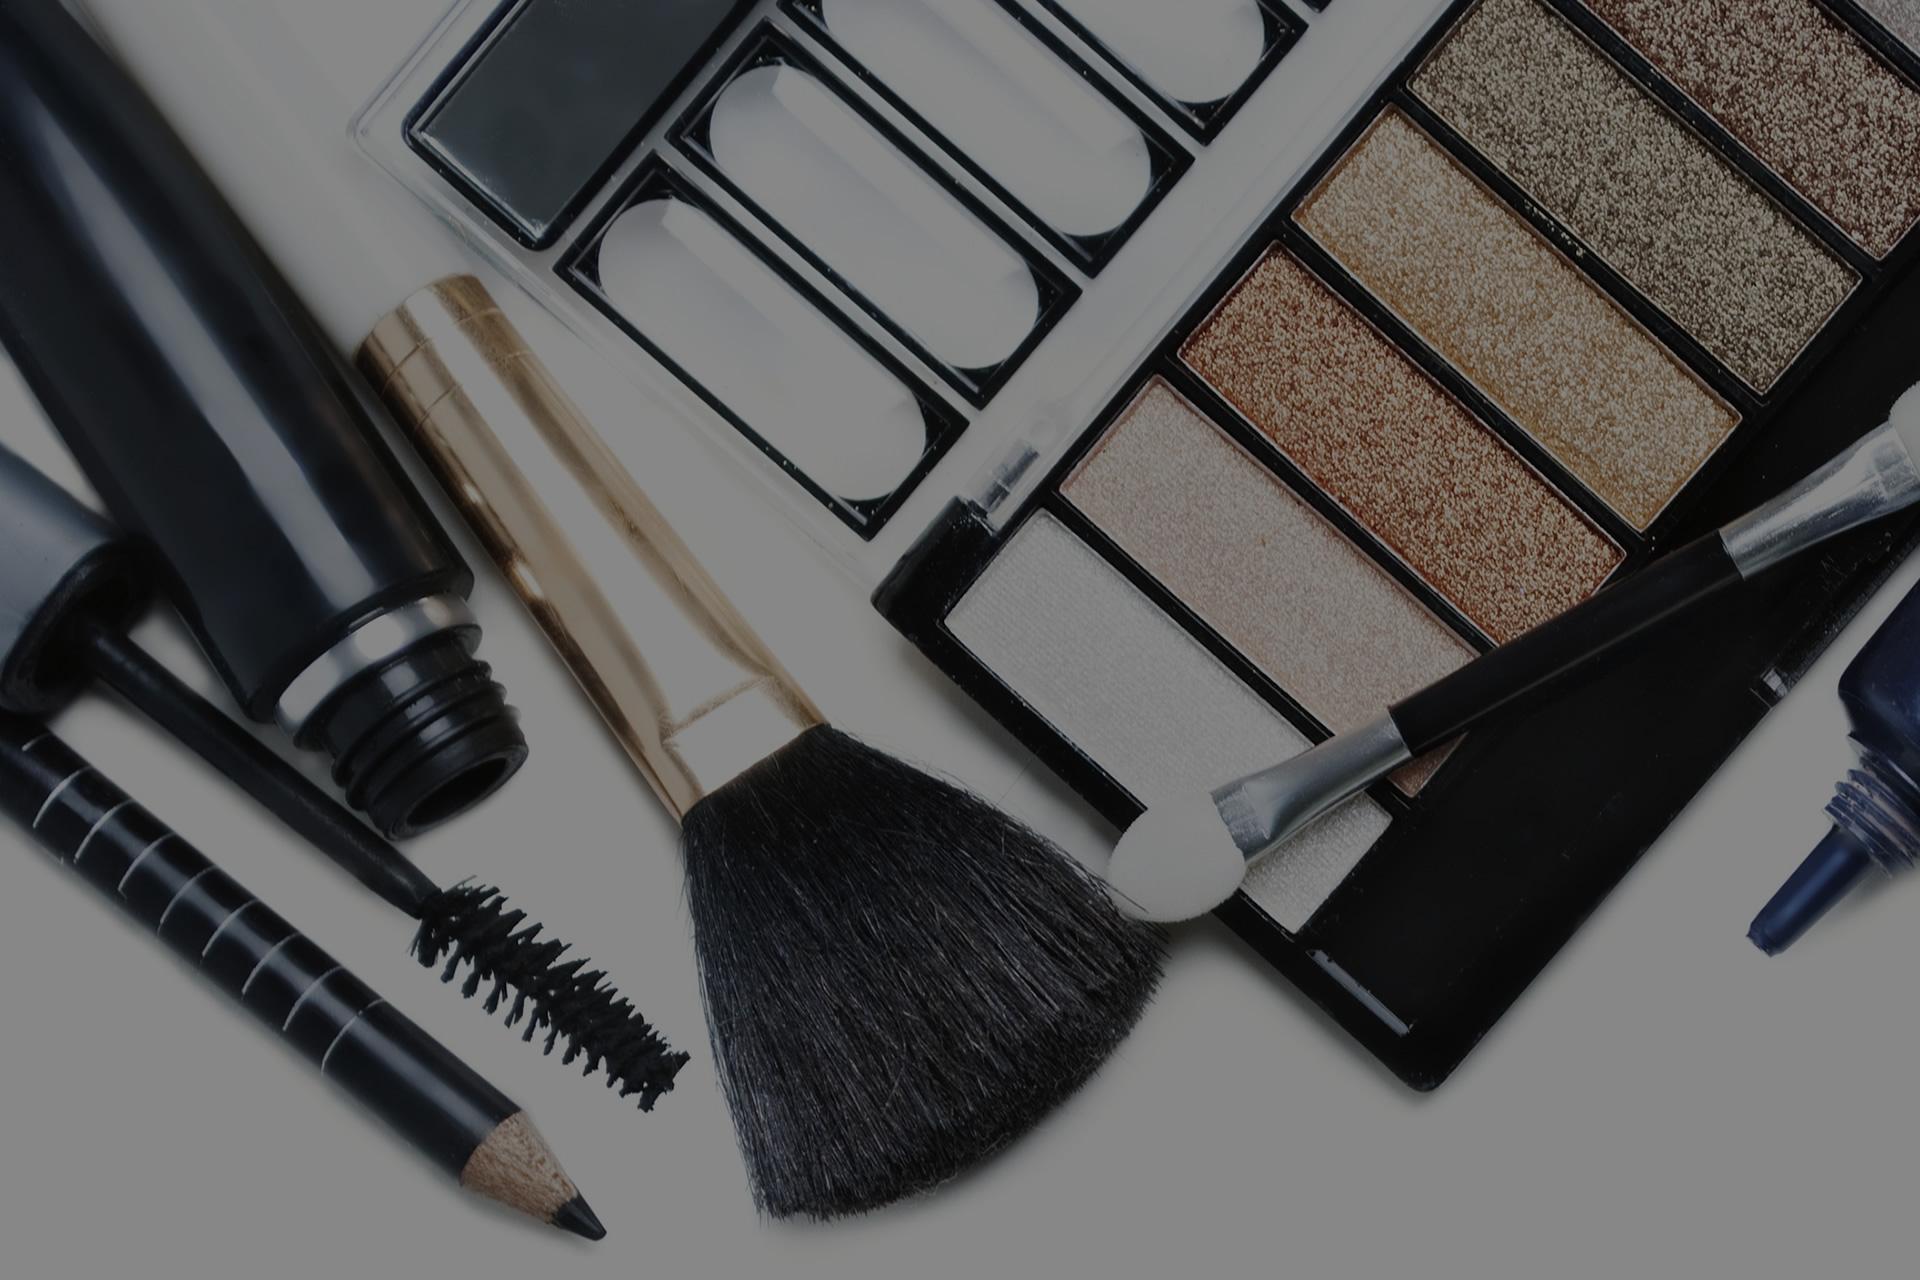 化粧品輸入代行、OEMのお悩み(費用も含めて)をトータルでサポートします!